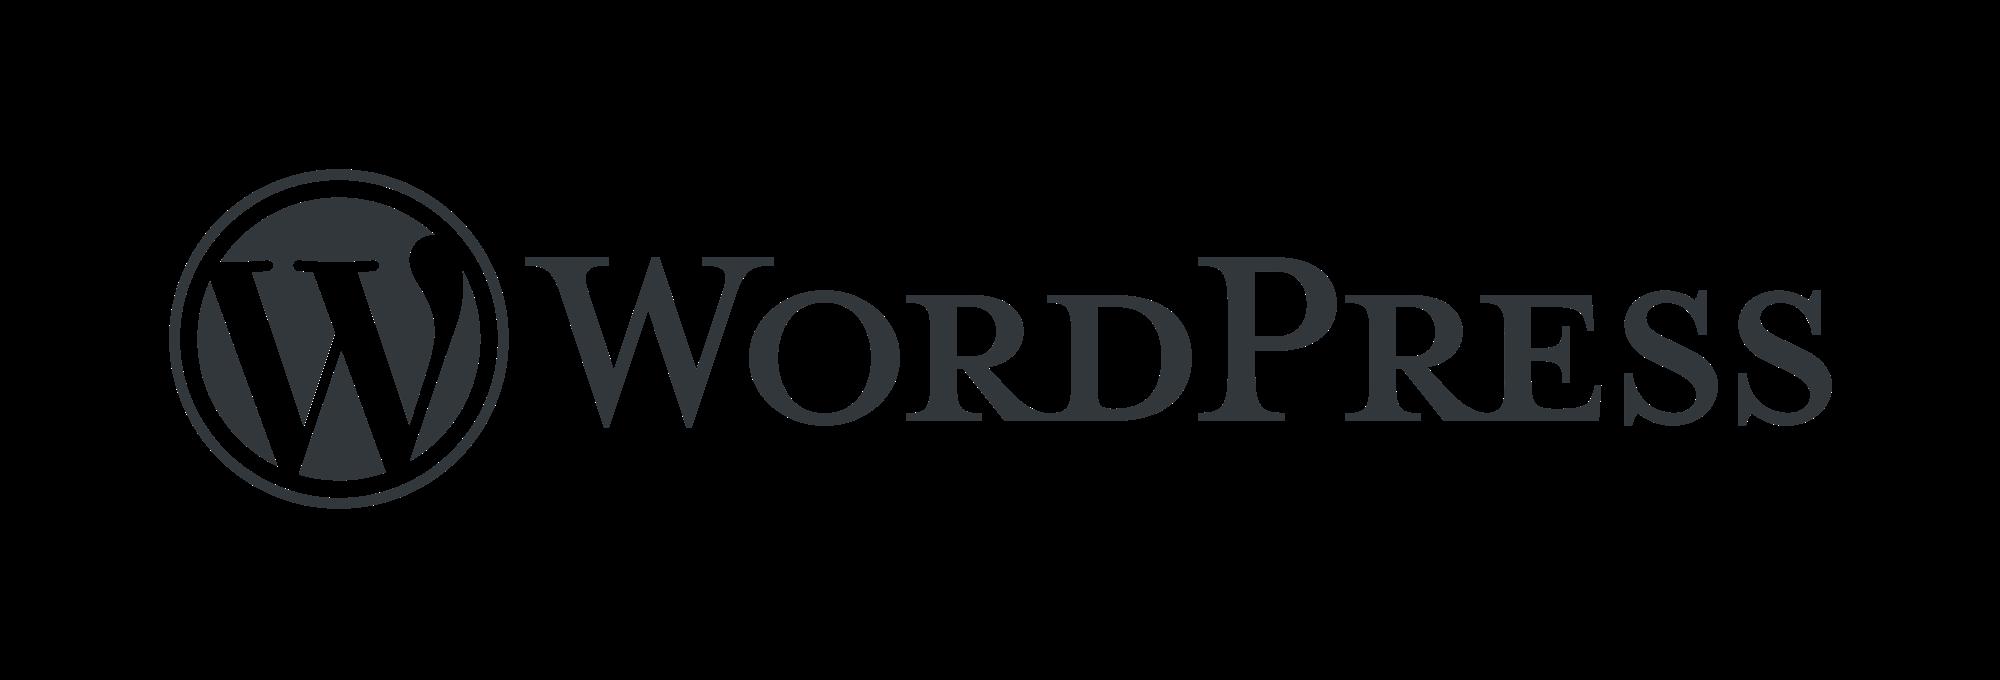 wordpress-logo-gris